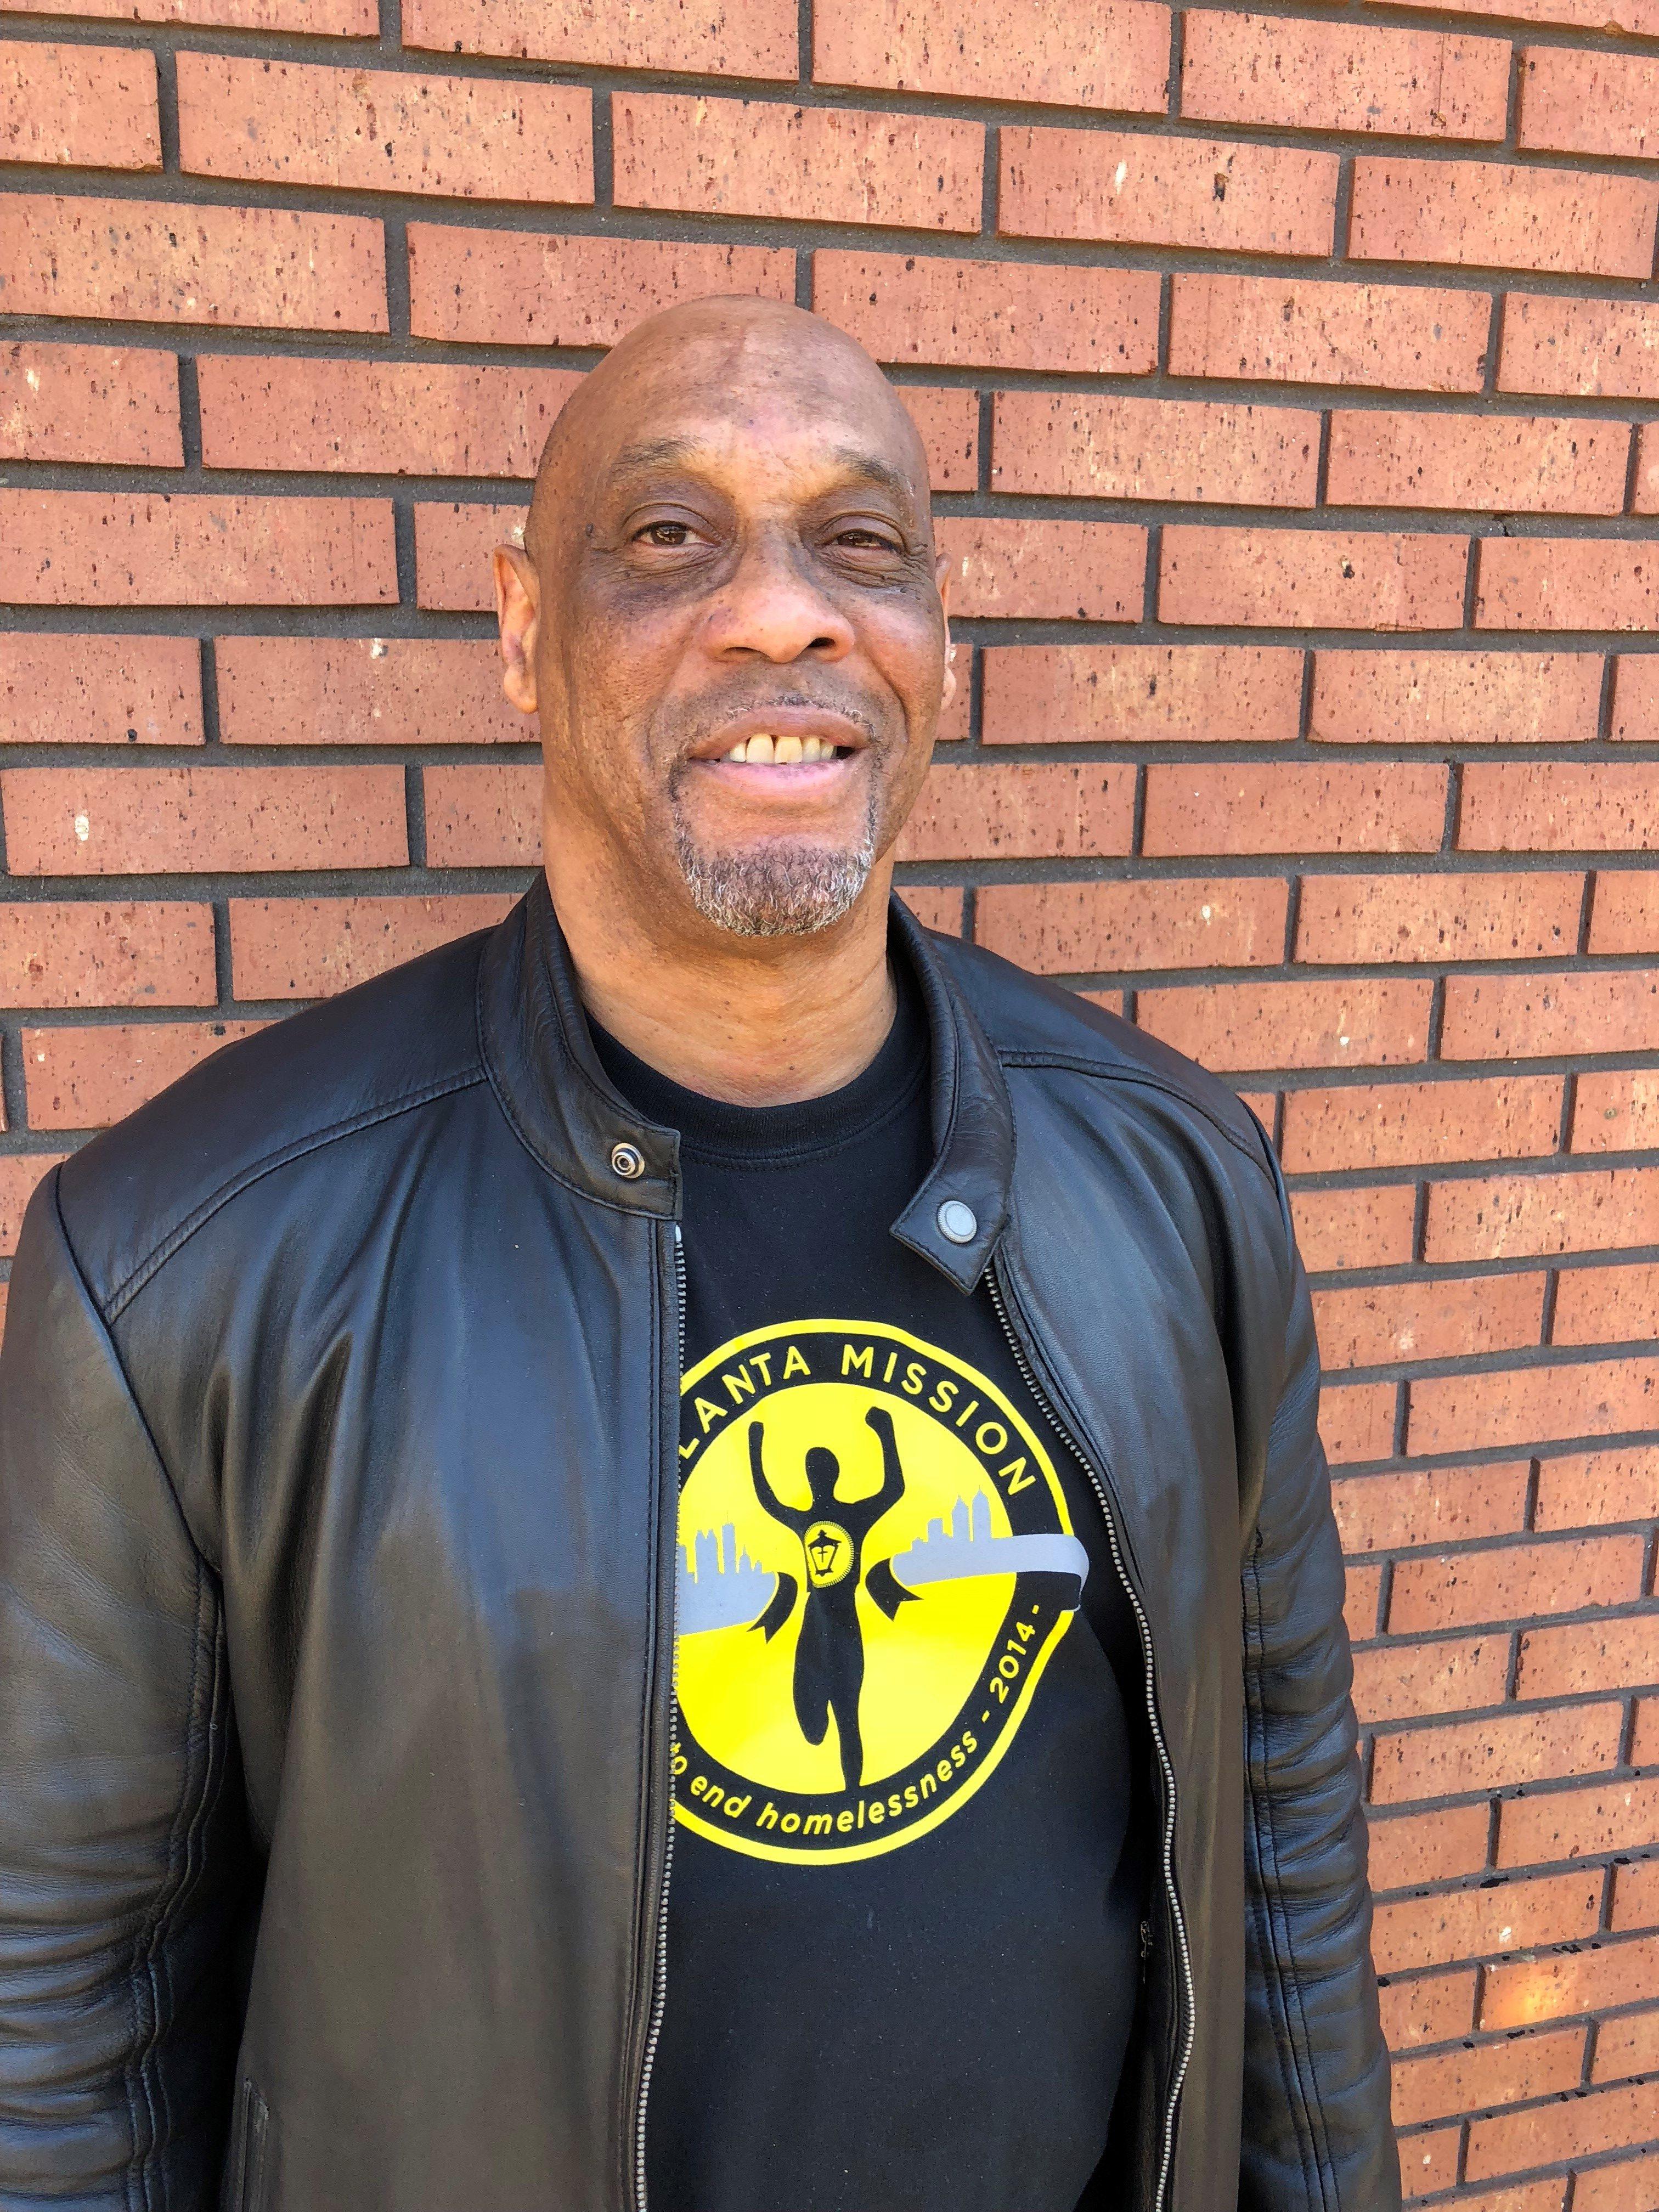 Wayne - an advocate at Atlanta Mission smiling